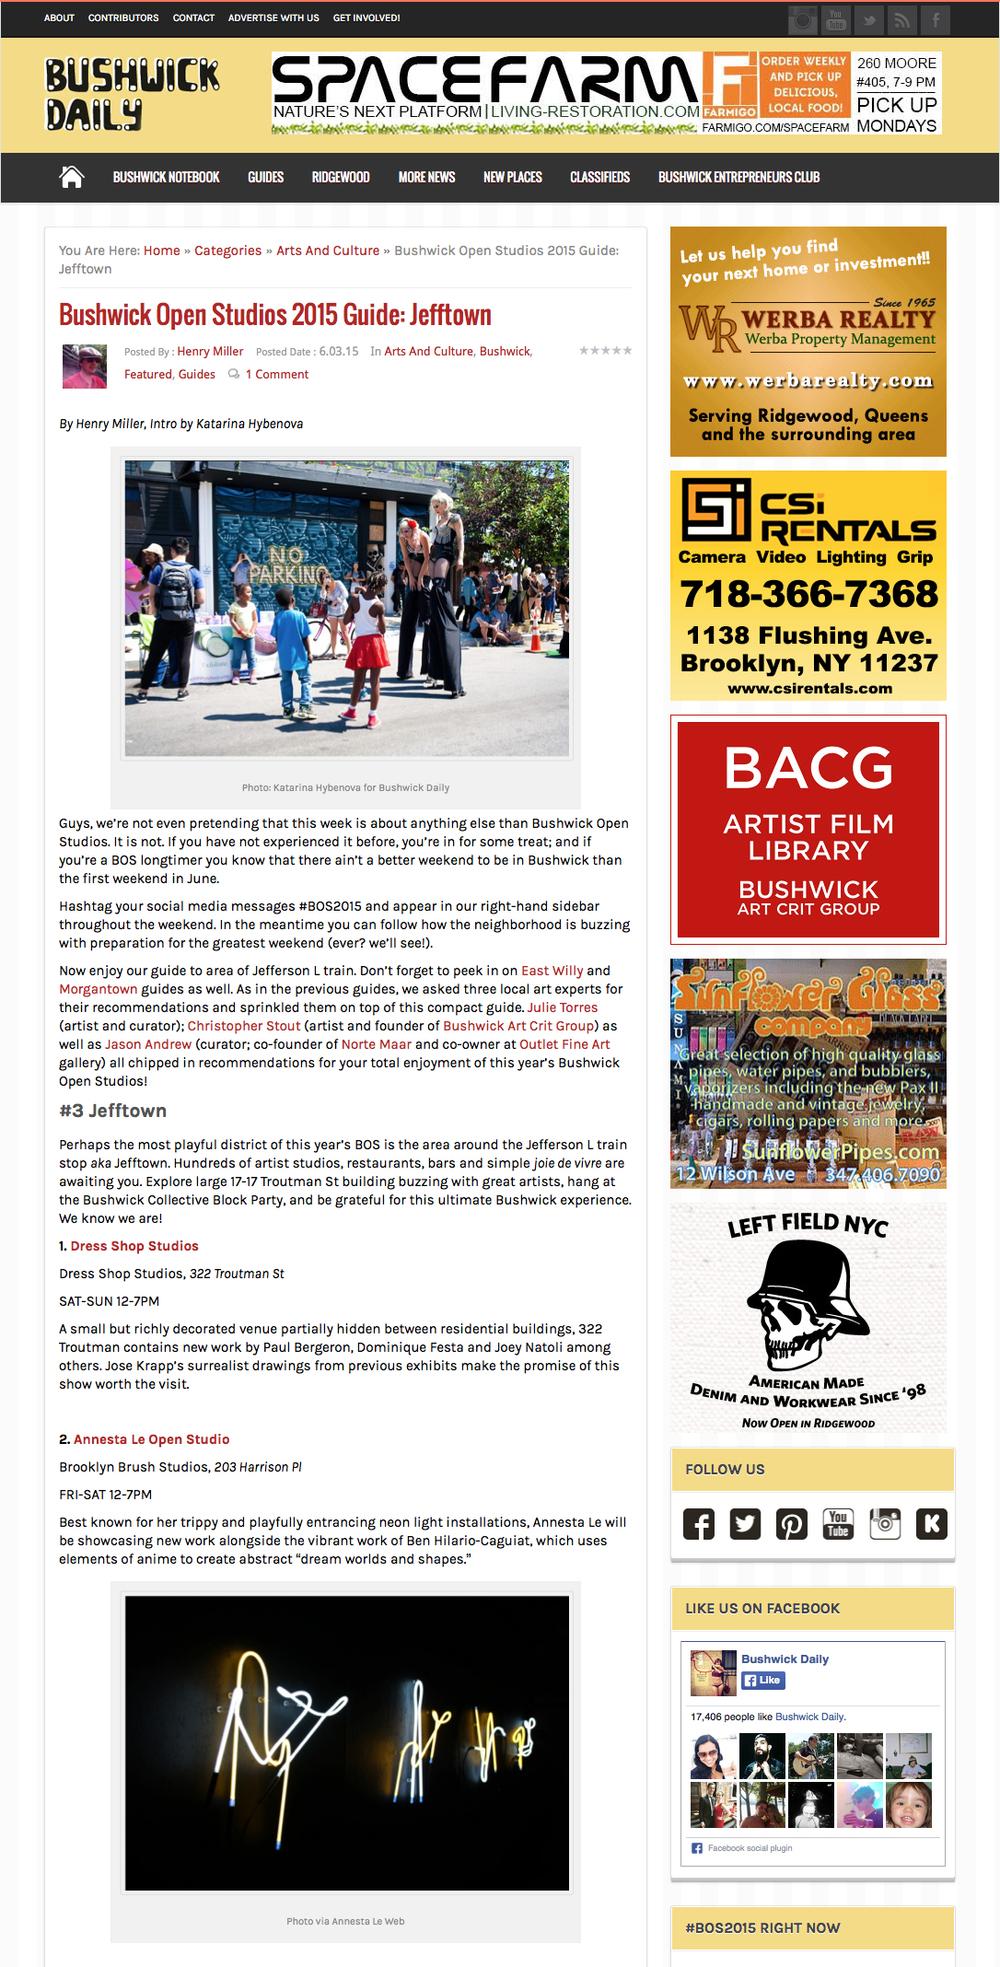 Bushwick Open Studios 2015 Guide-Jefftown | Bushwick Daily108610460.jpg